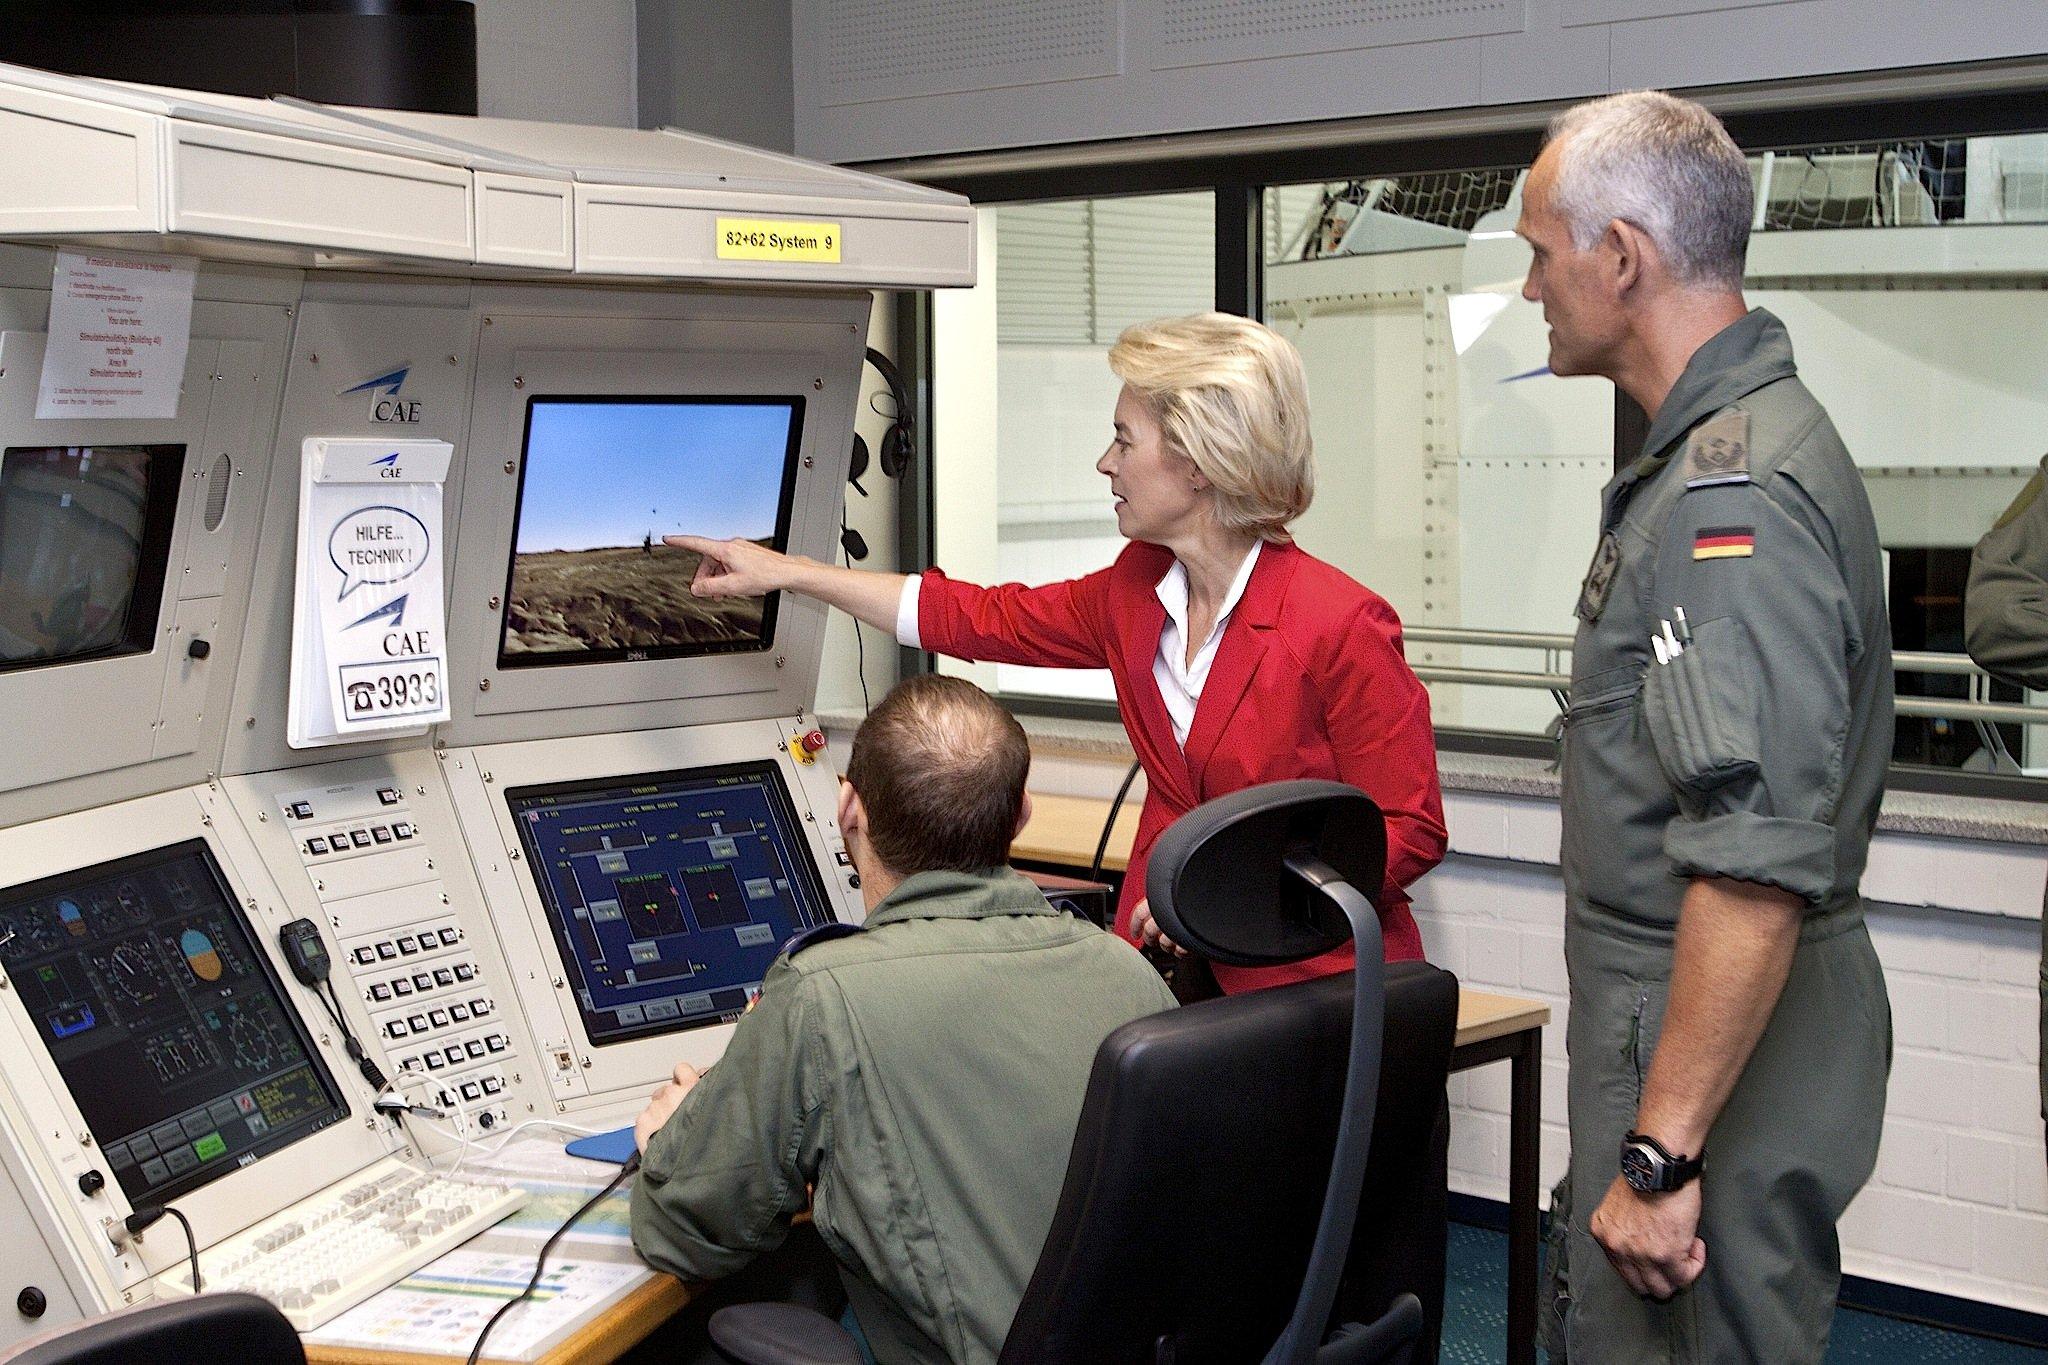 Verteidigungsministerin Ursula von der Leyen im Simulationszentrum am Internationalen Hubschrauberausbildungszentrum in Bückeburg: Um die IT-Sicherheit der Bundeswehr soll es nicht gut bestellt sein. Die Bundeswehrhat Probleme mit dem IT-System bereits eingeräumt. Das Cyber Responsibility Team soll für Ordnung sorgen.